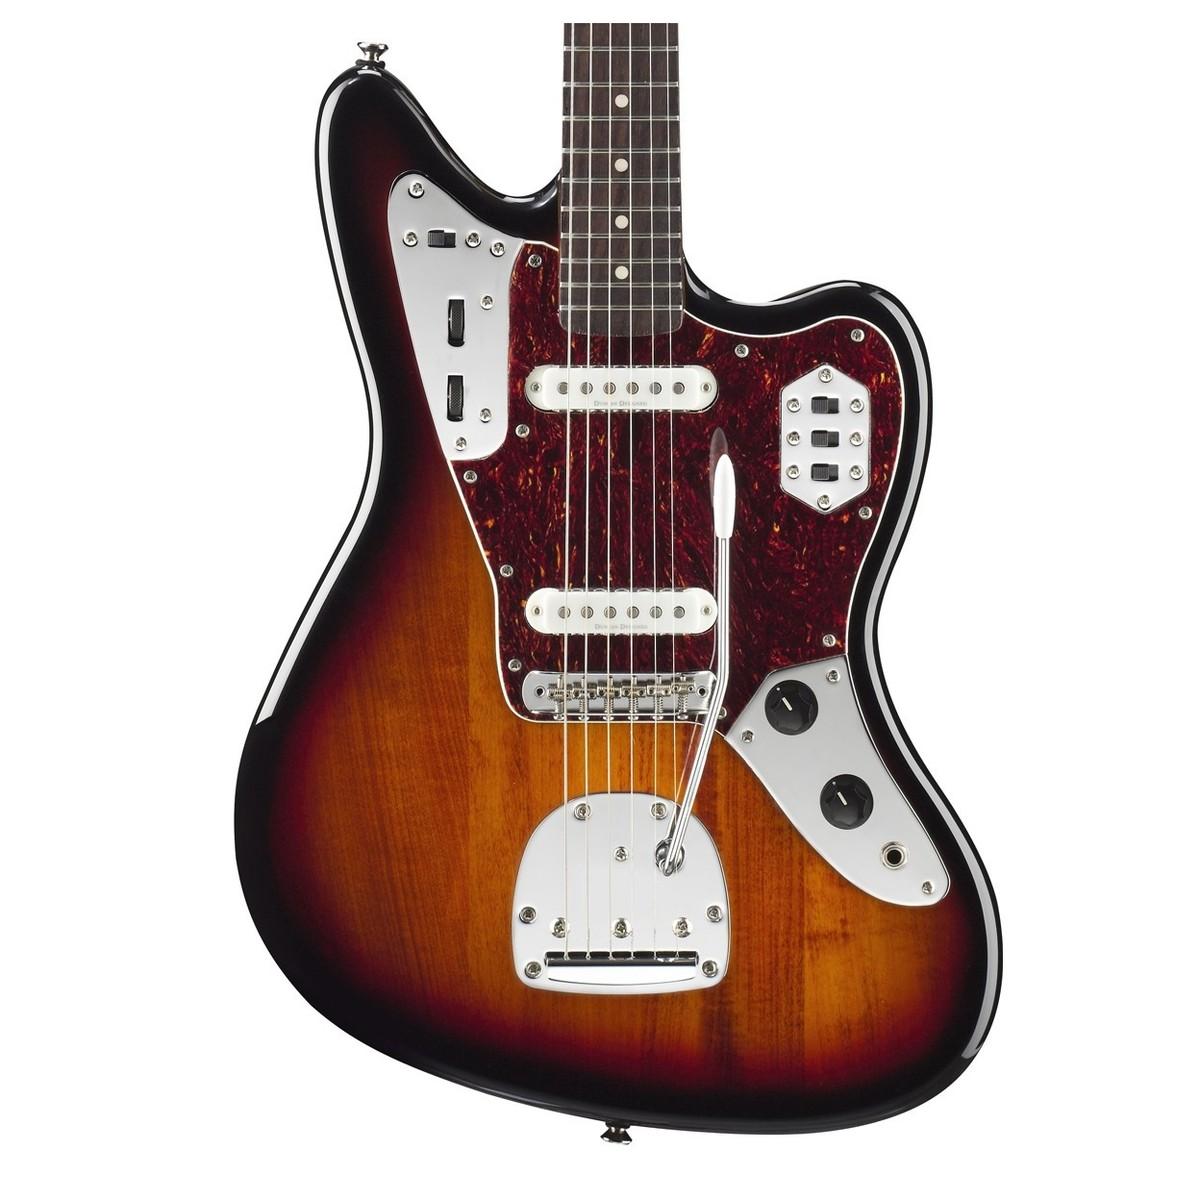 squier by fender vintage modified jaguar guitar sunburst at. Black Bedroom Furniture Sets. Home Design Ideas